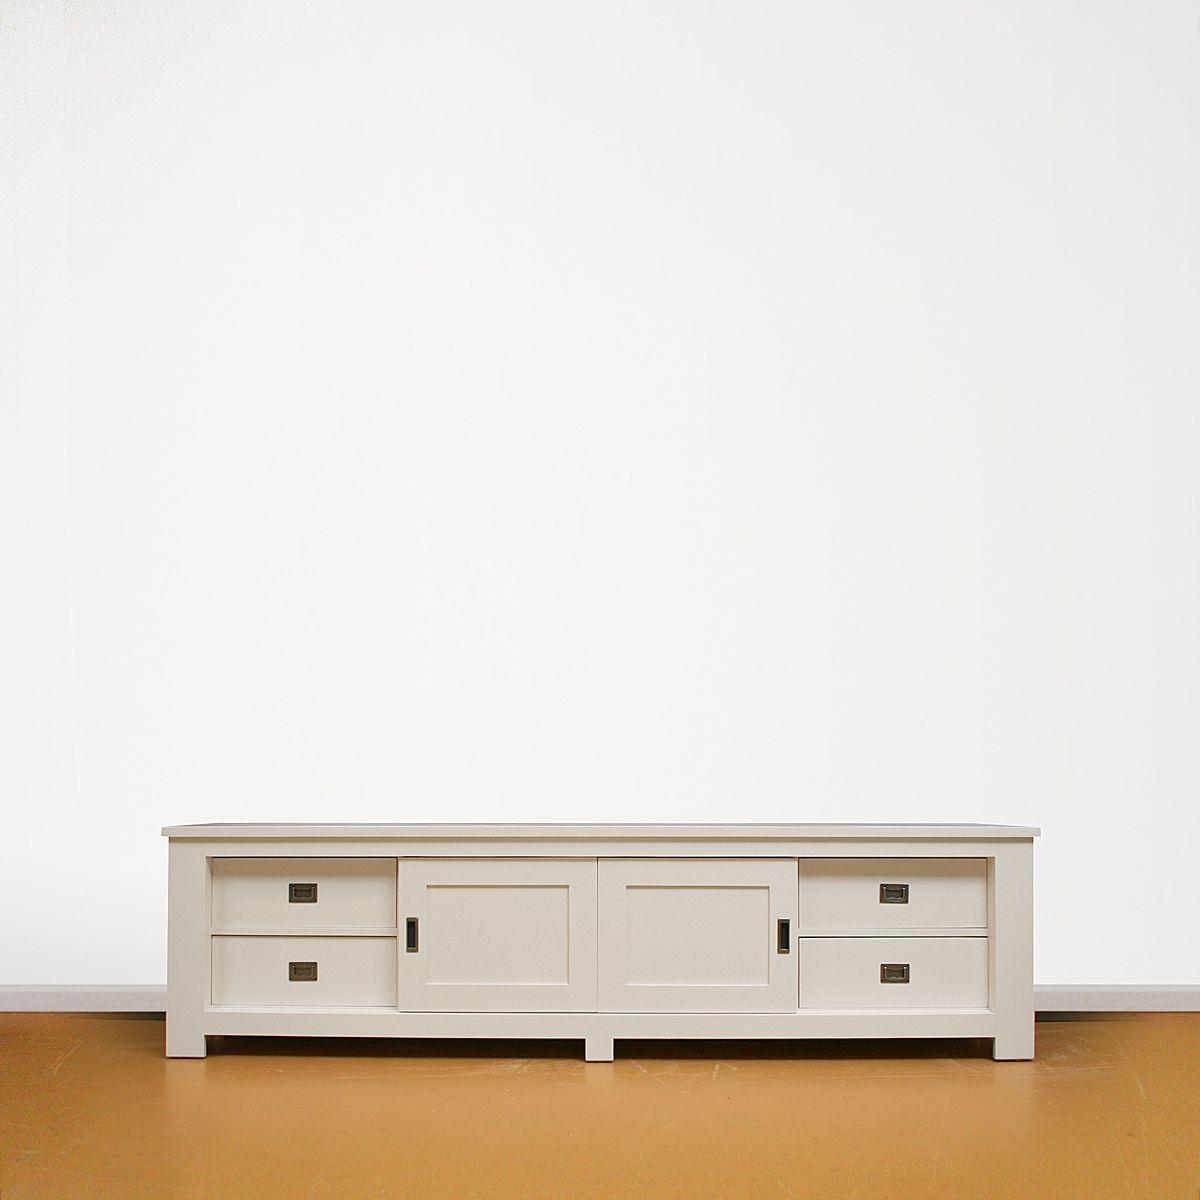 Tv opzetkast schuifdeuren gerard keune meubels op maat - Eettafel schans ...